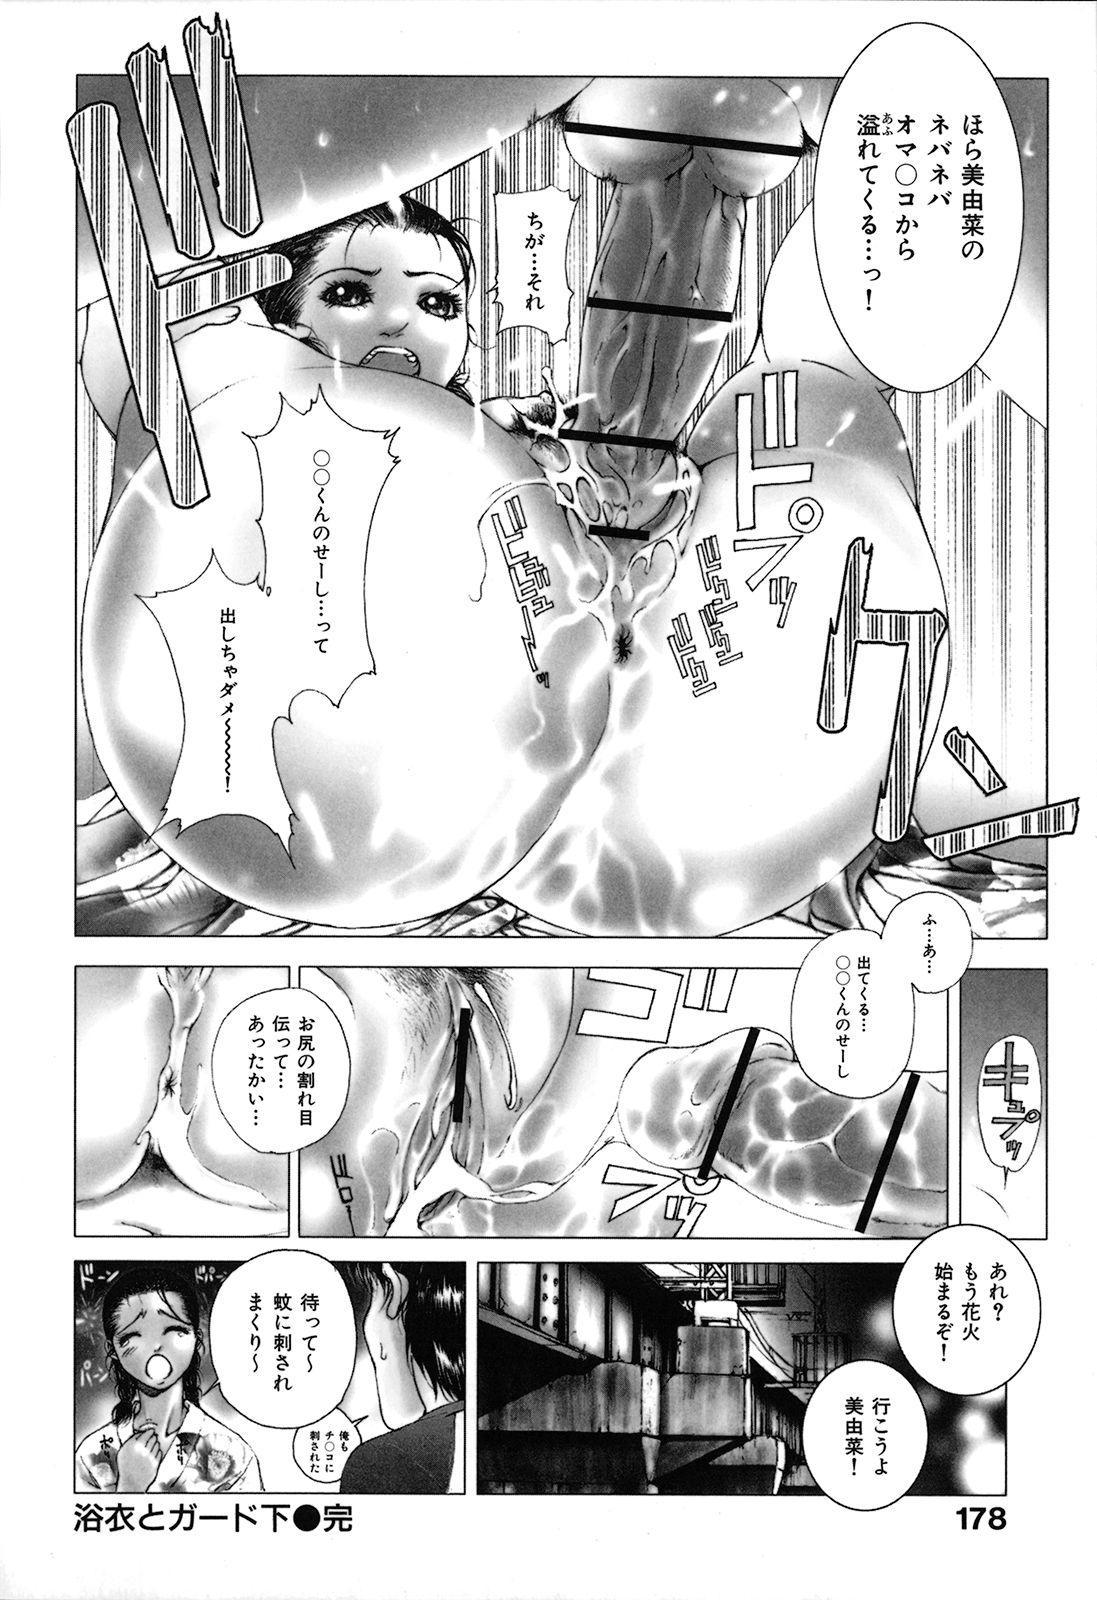 Kou Musume 181